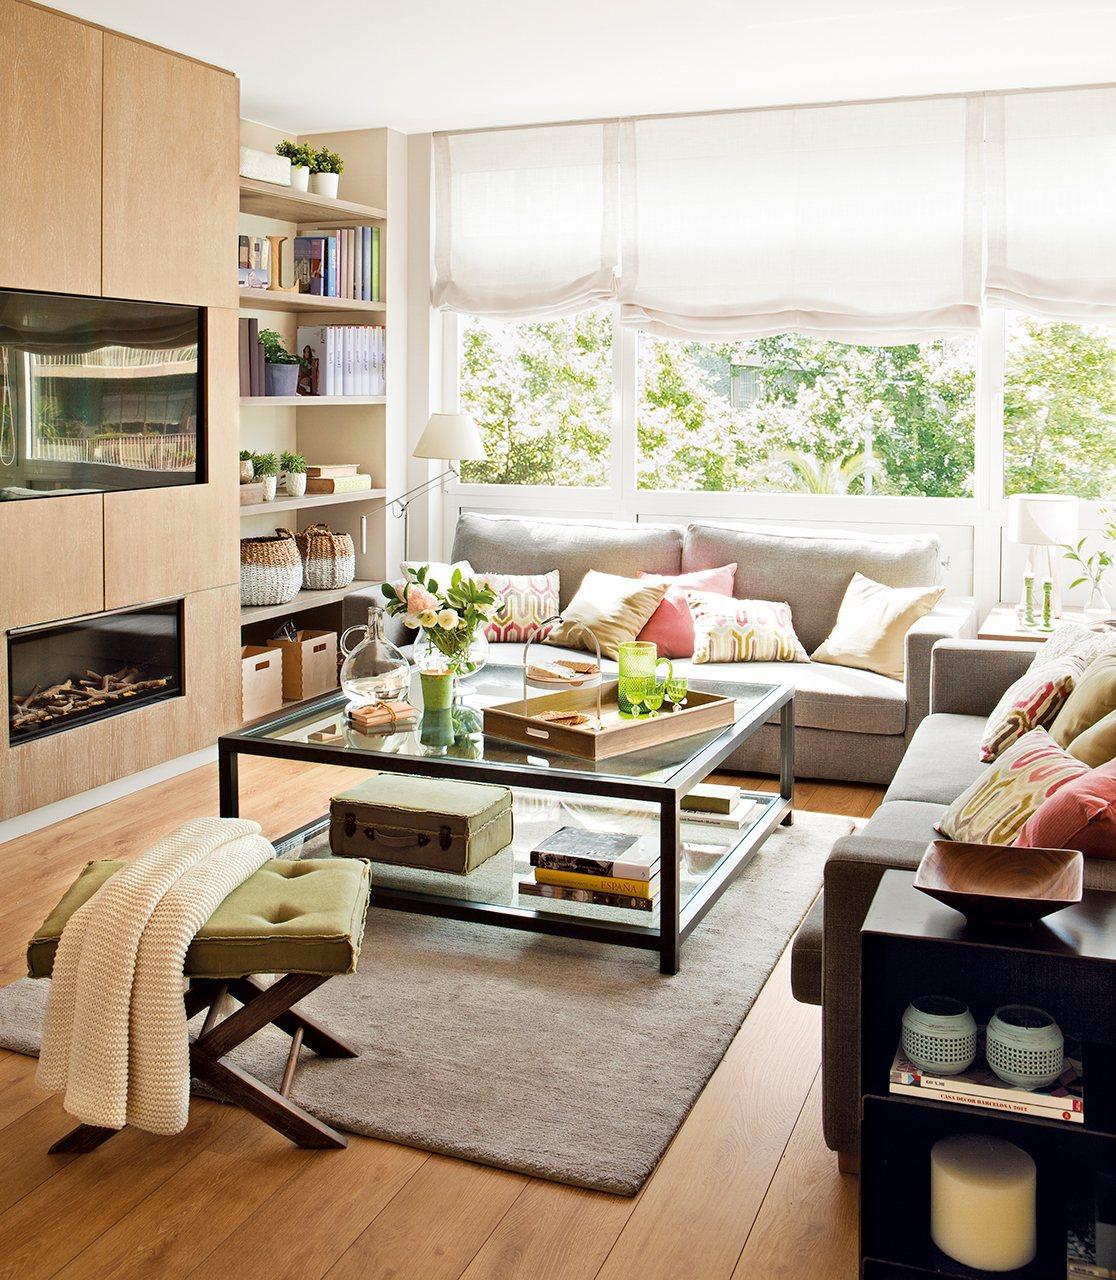 30 salones peque os bien aprovechados con muchas ideas y trucos - El mueble decoracion ...